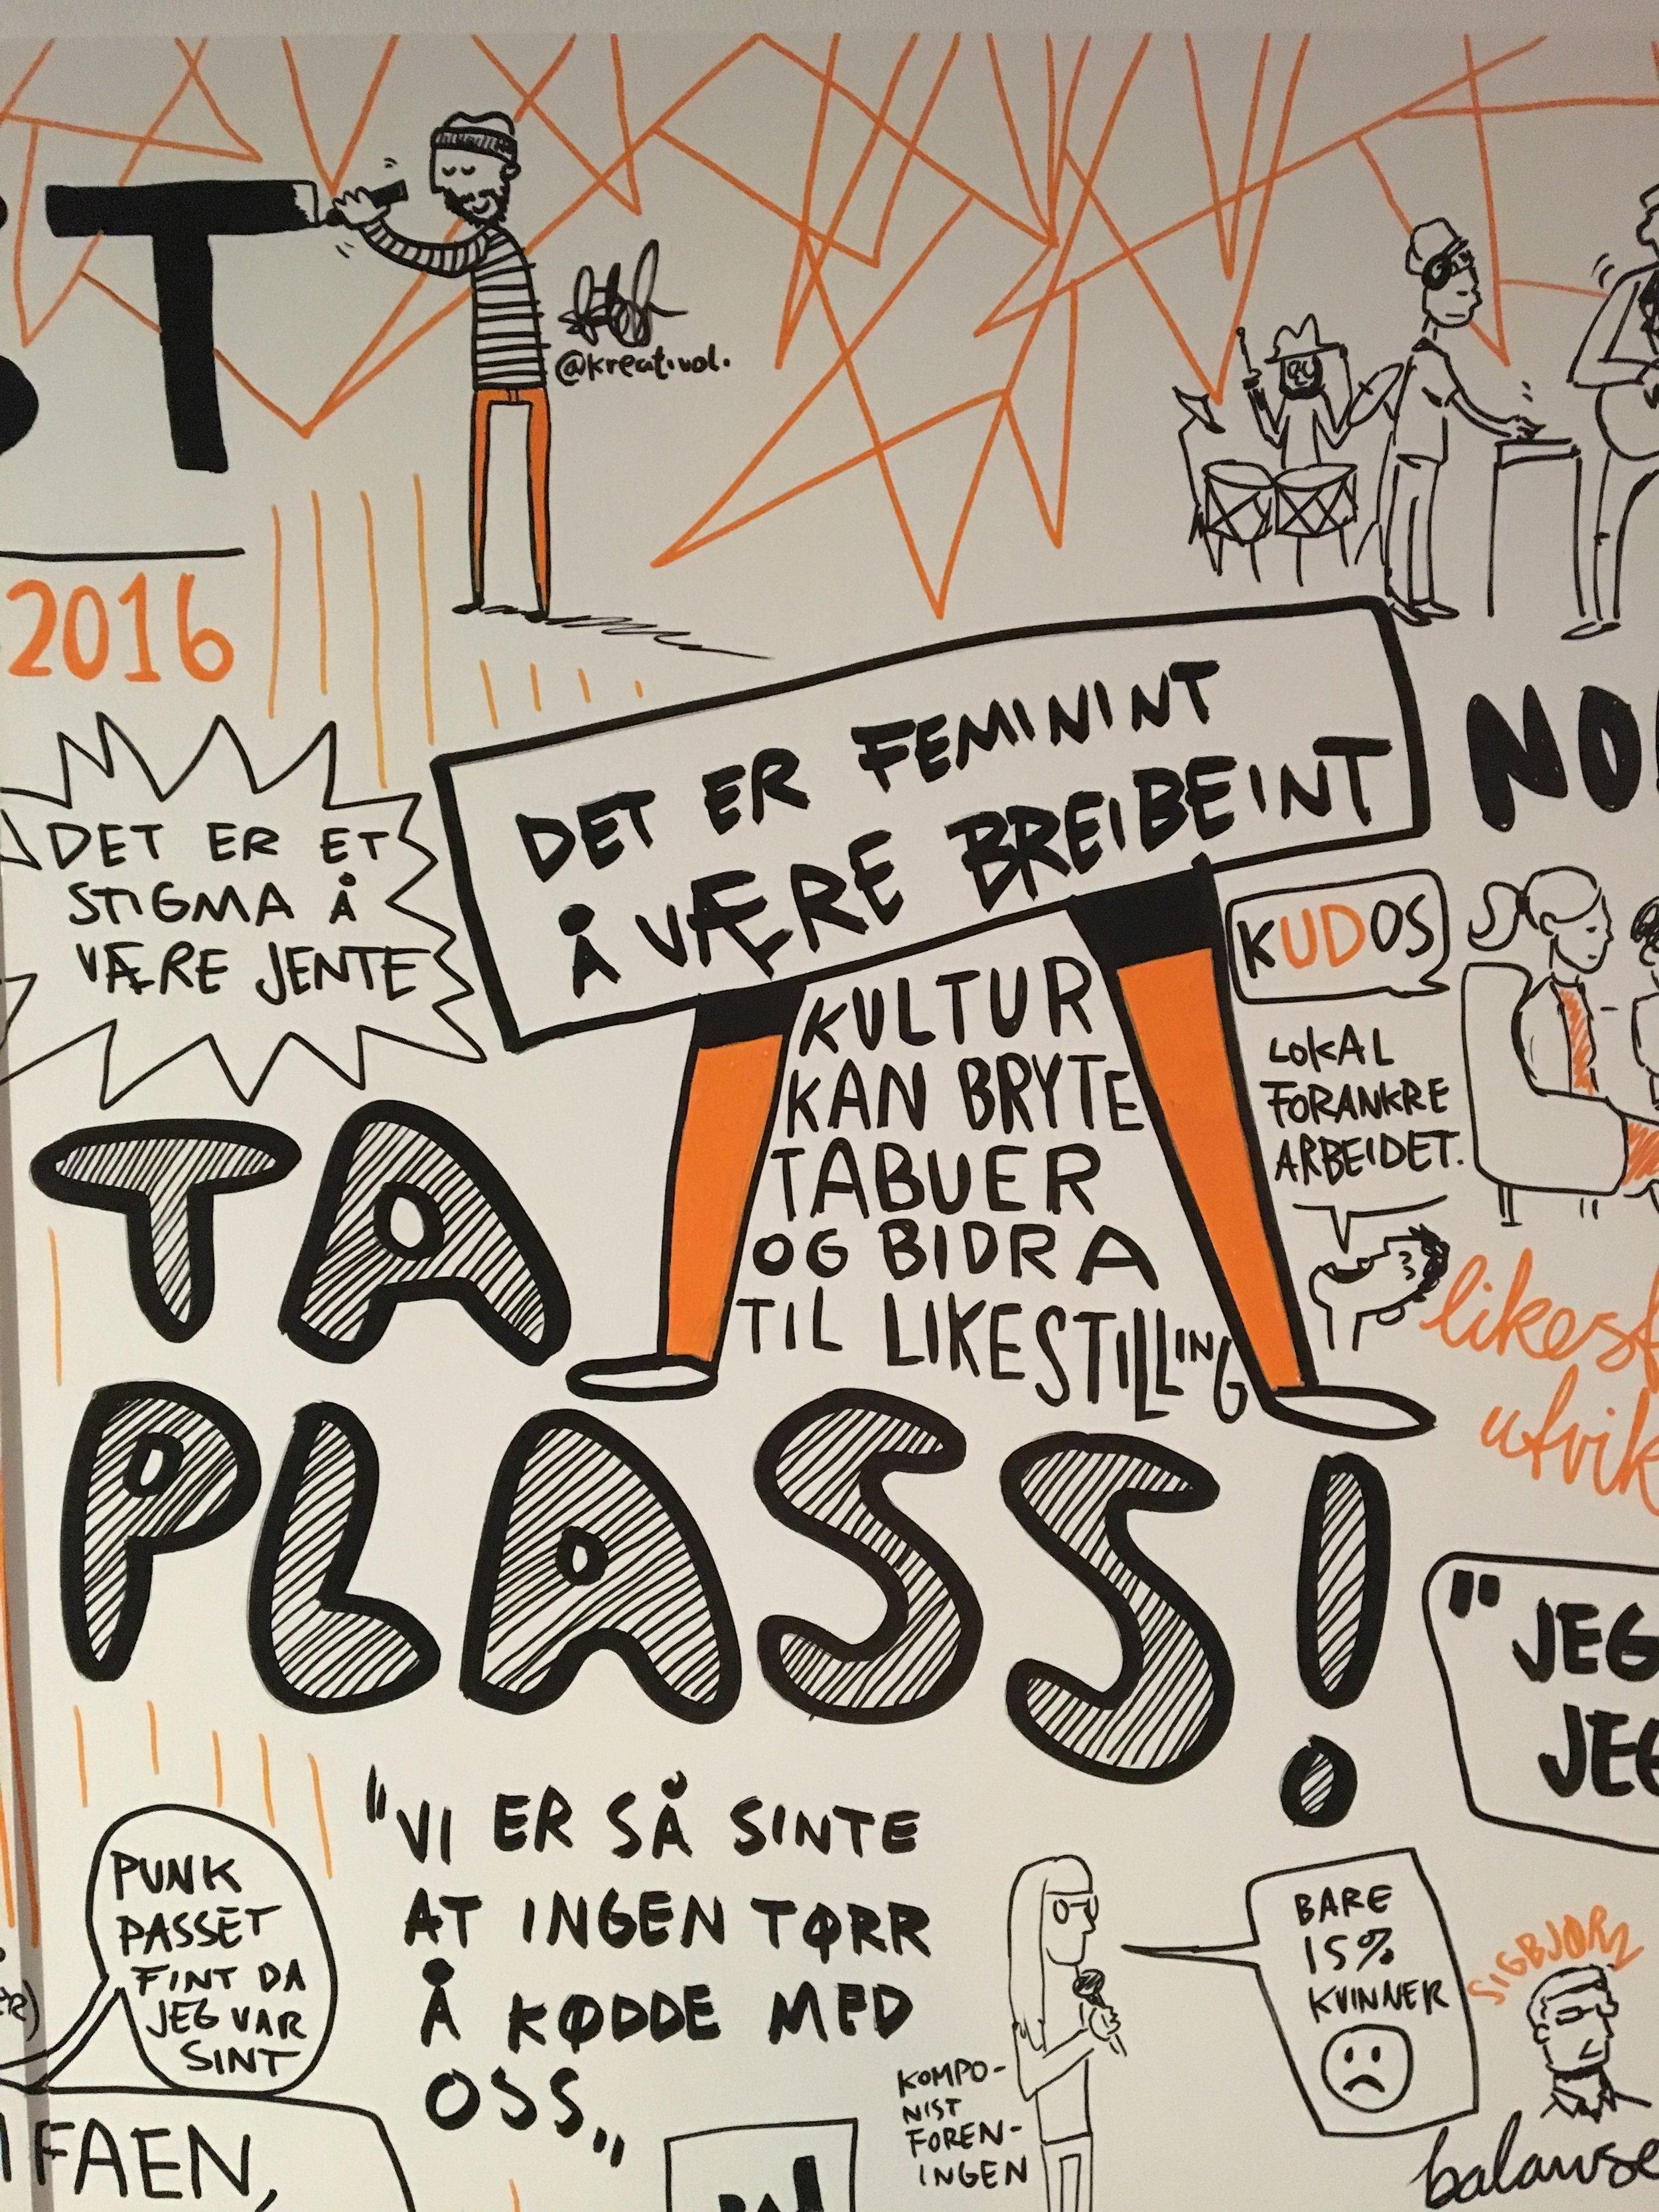 Detalj fra Balansekunstkonferansen i Oslo